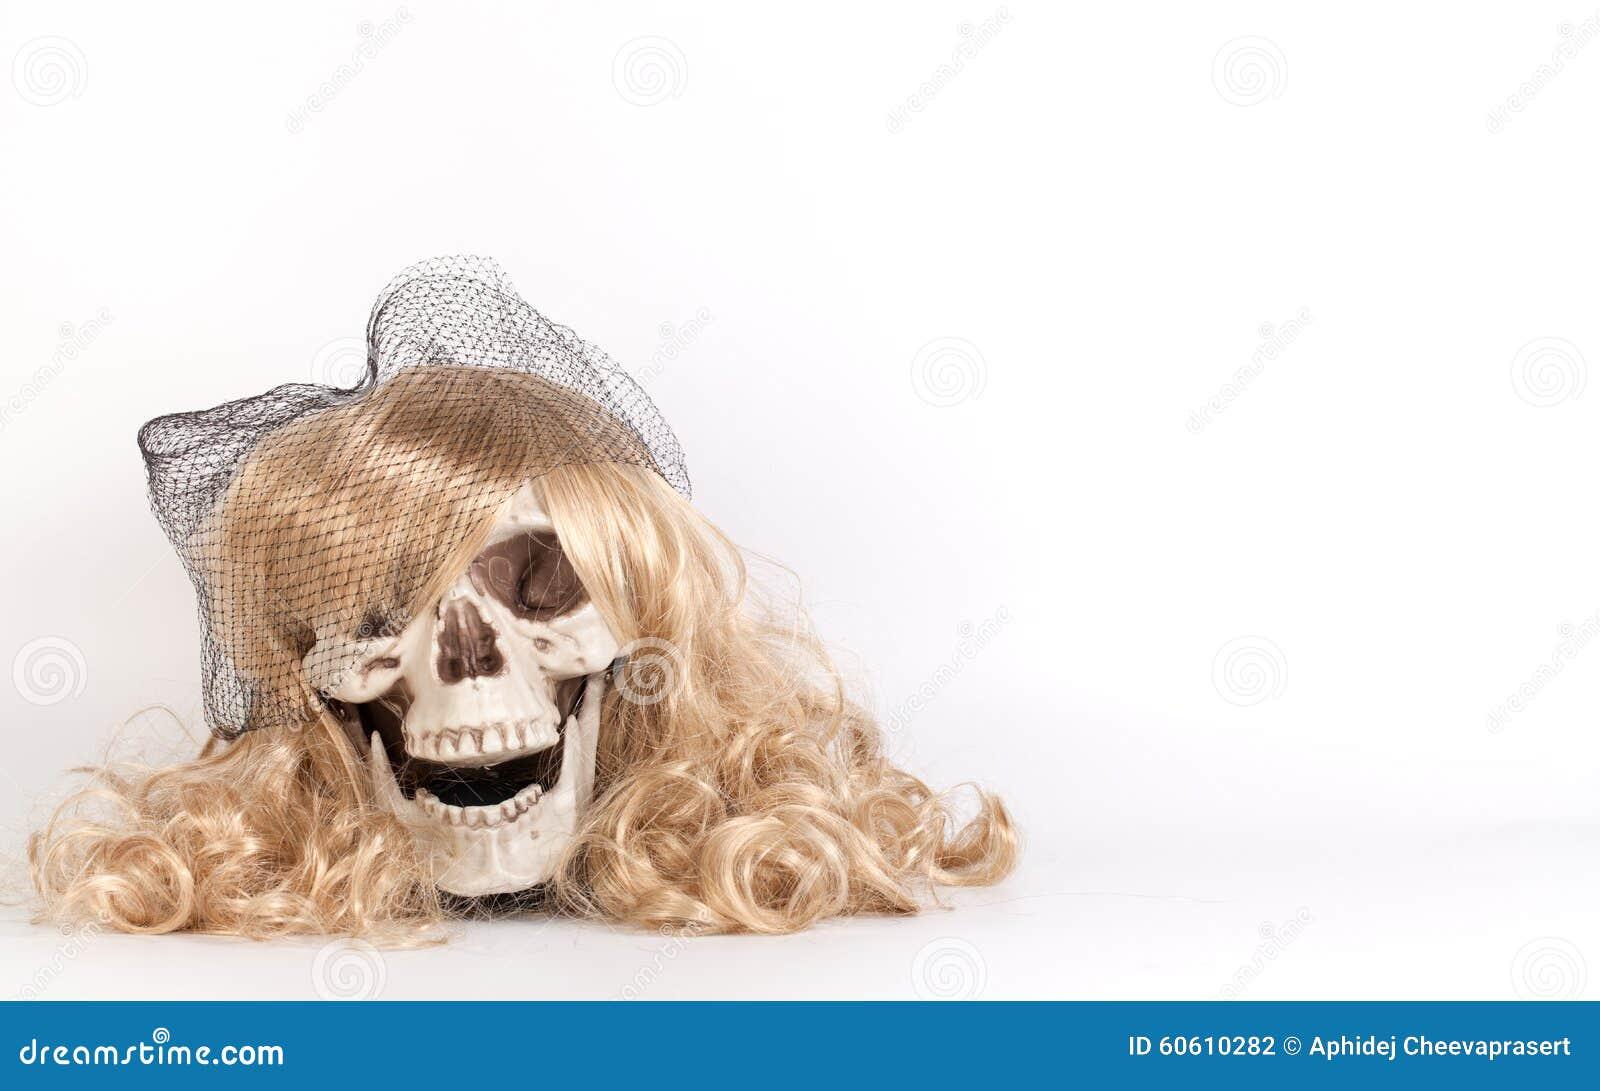 Langes blondes Haar, das Schädel gegenüberstellt